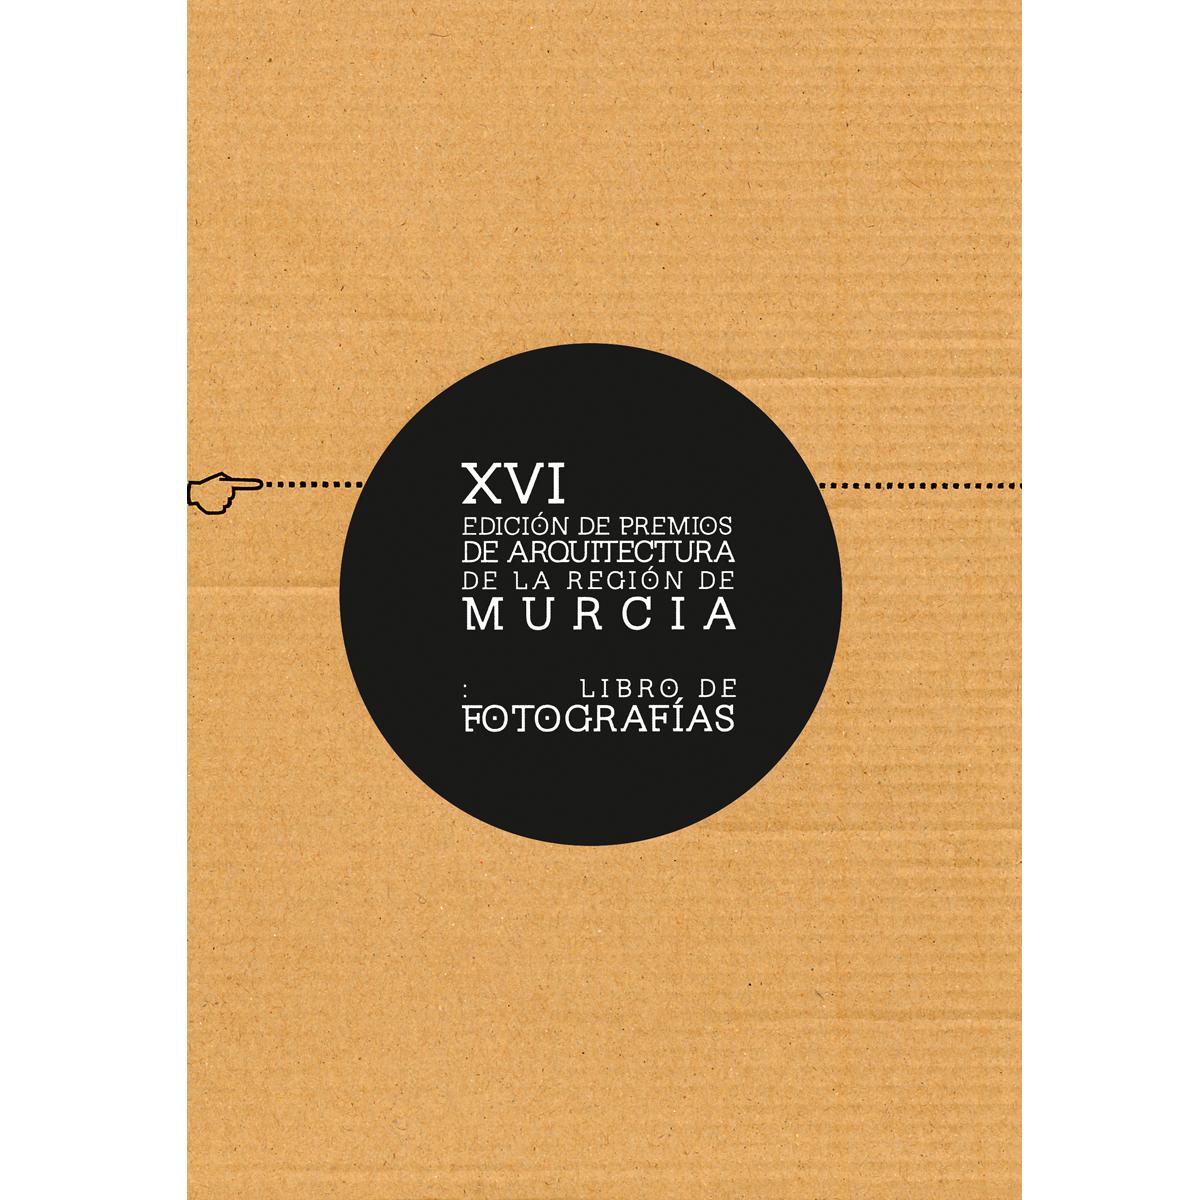 XVI Edición de Premios de  Arquitectura de la Región de Murcia